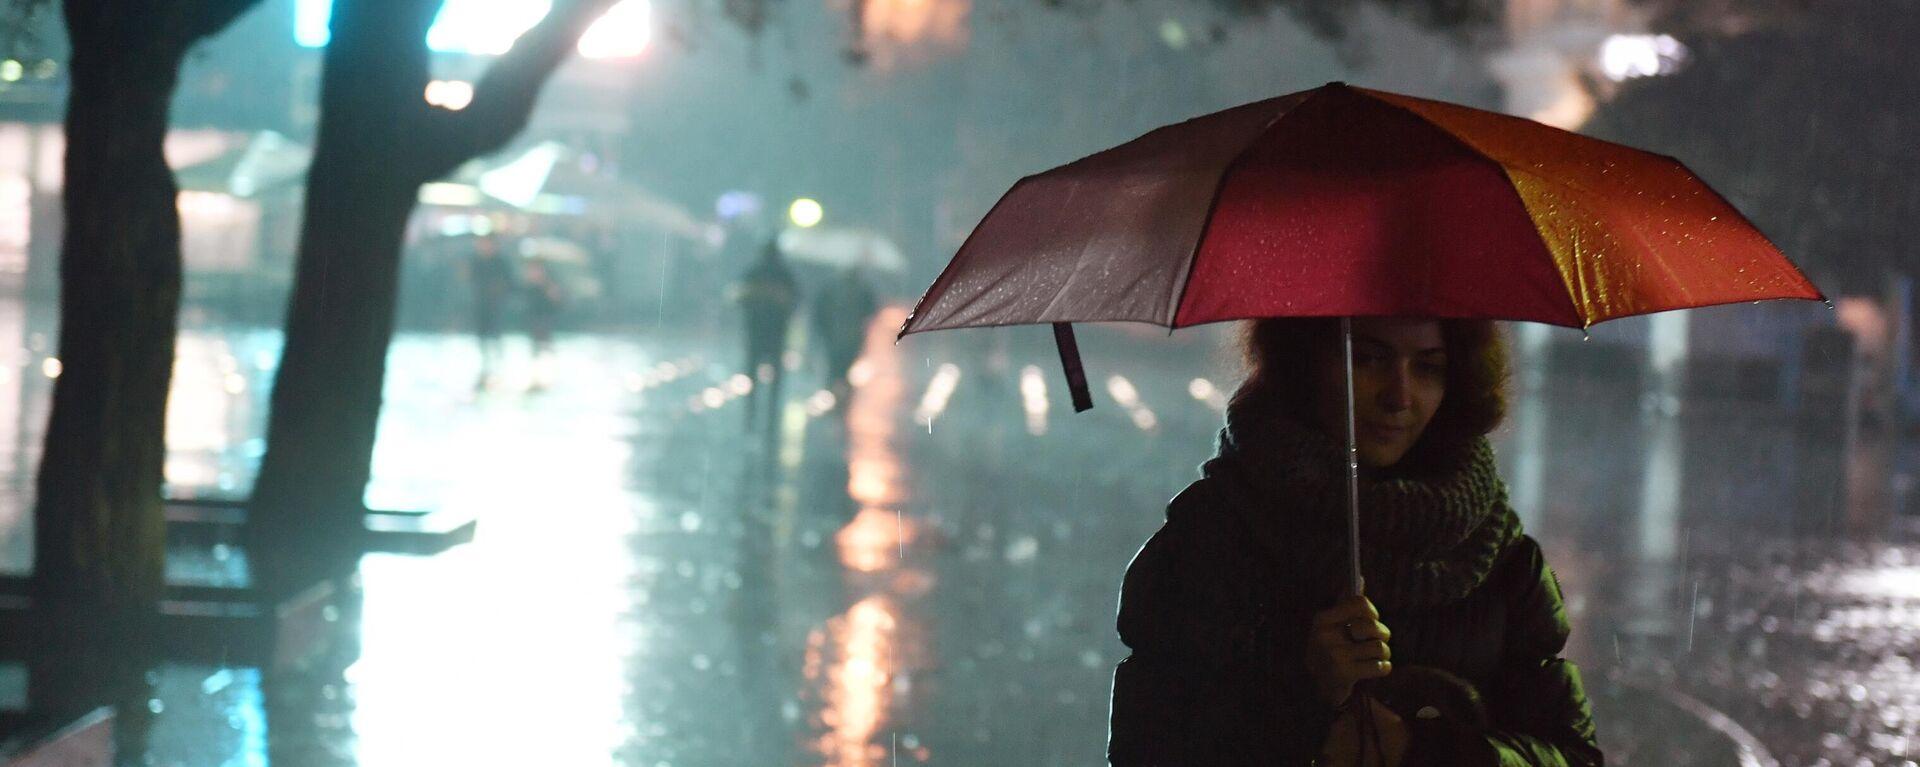 Starker Regen (Symbolbild) - SNA, 1920, 18.09.2021